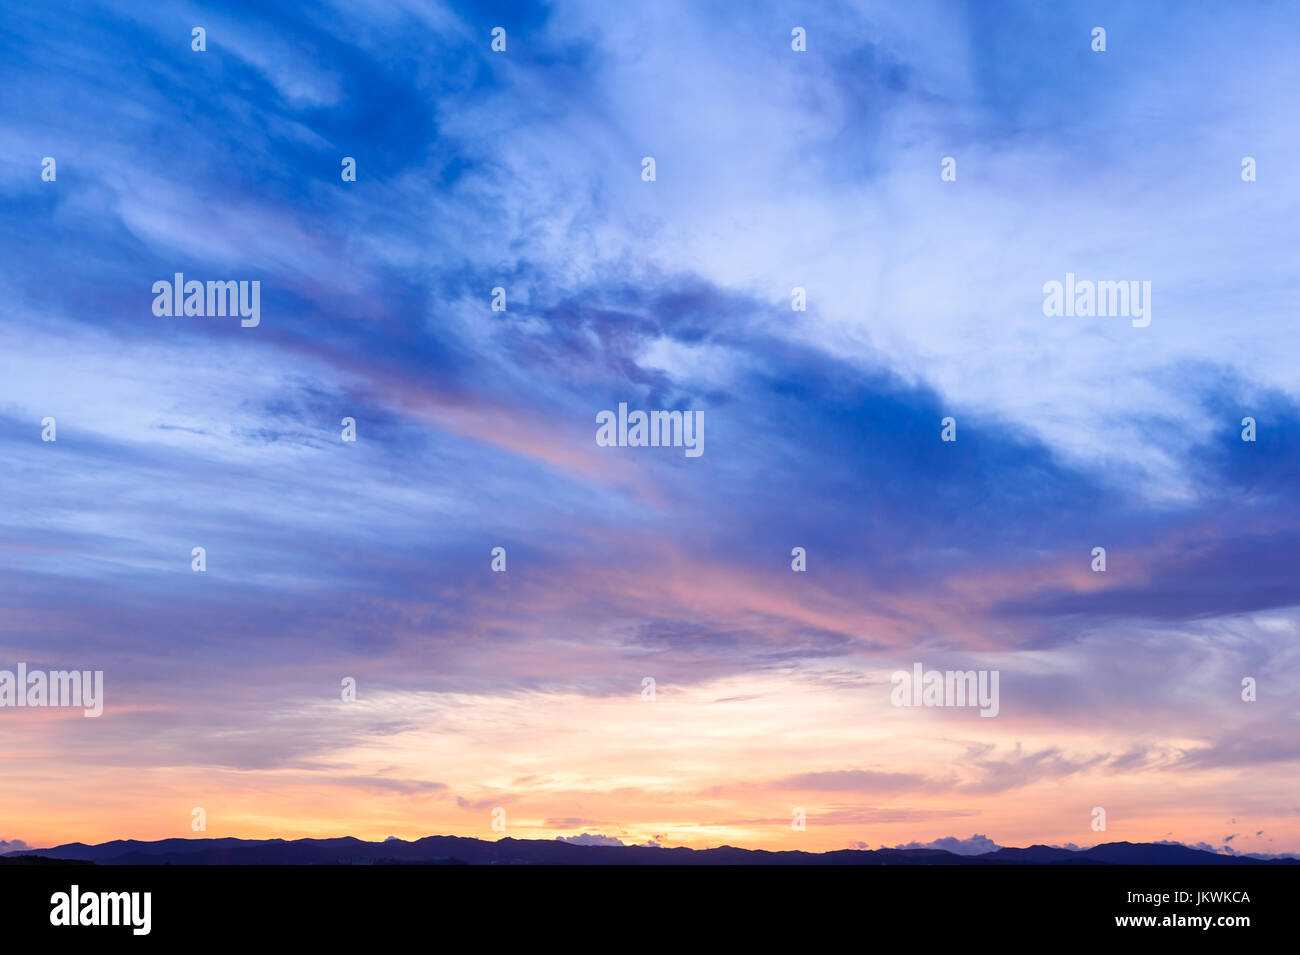 El futuro, el paso del tiempo, el nuevo día, el cielo azul brillante, naranja y amarillo sunset sunrise Imagen De Stock